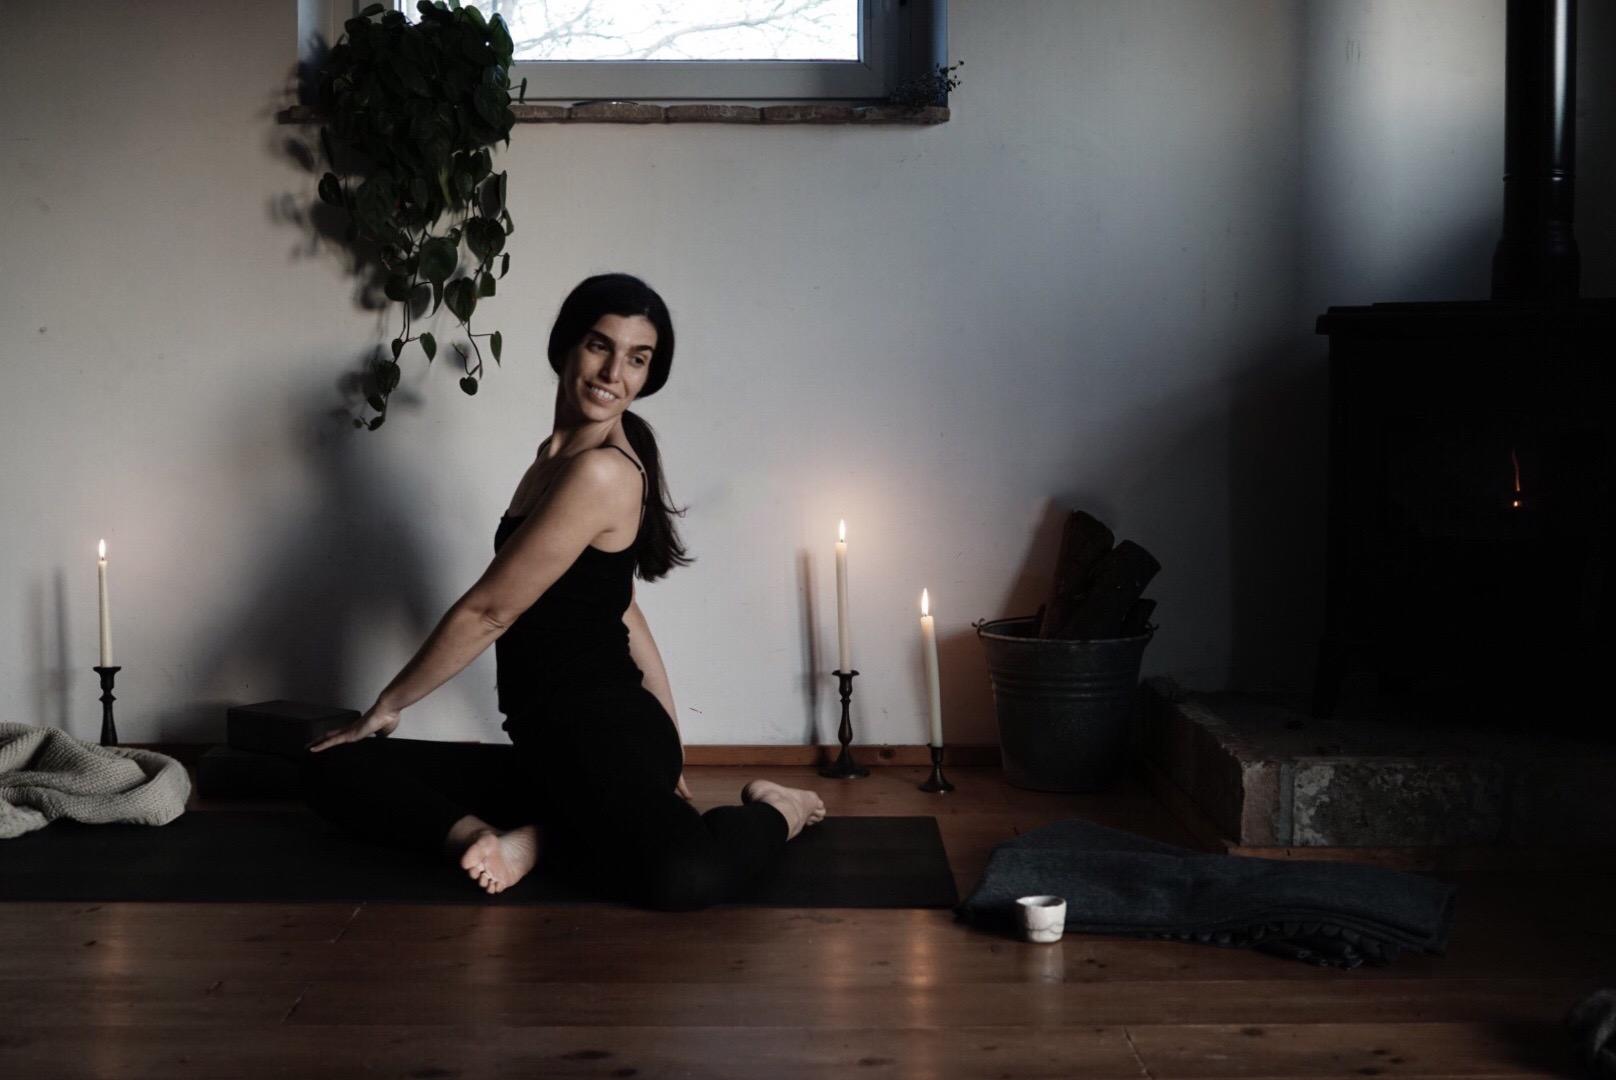 La Vita Yoga - la pratica yoga hatha yoga